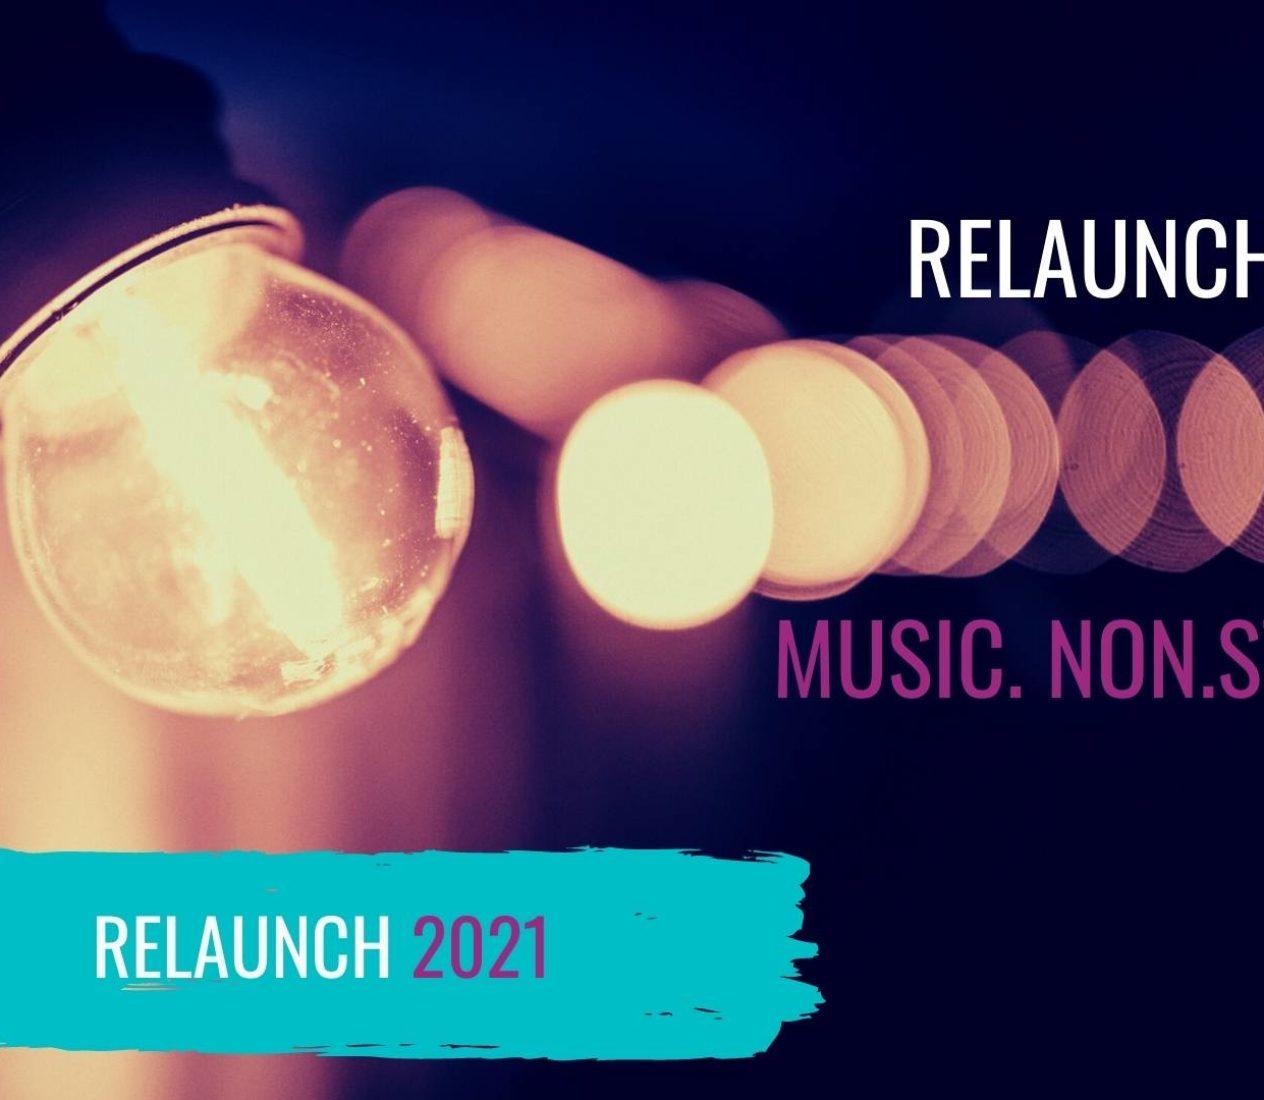 Blog Relaunch 2021: MUSIC. NON. STOP. mit frischem Anstrich